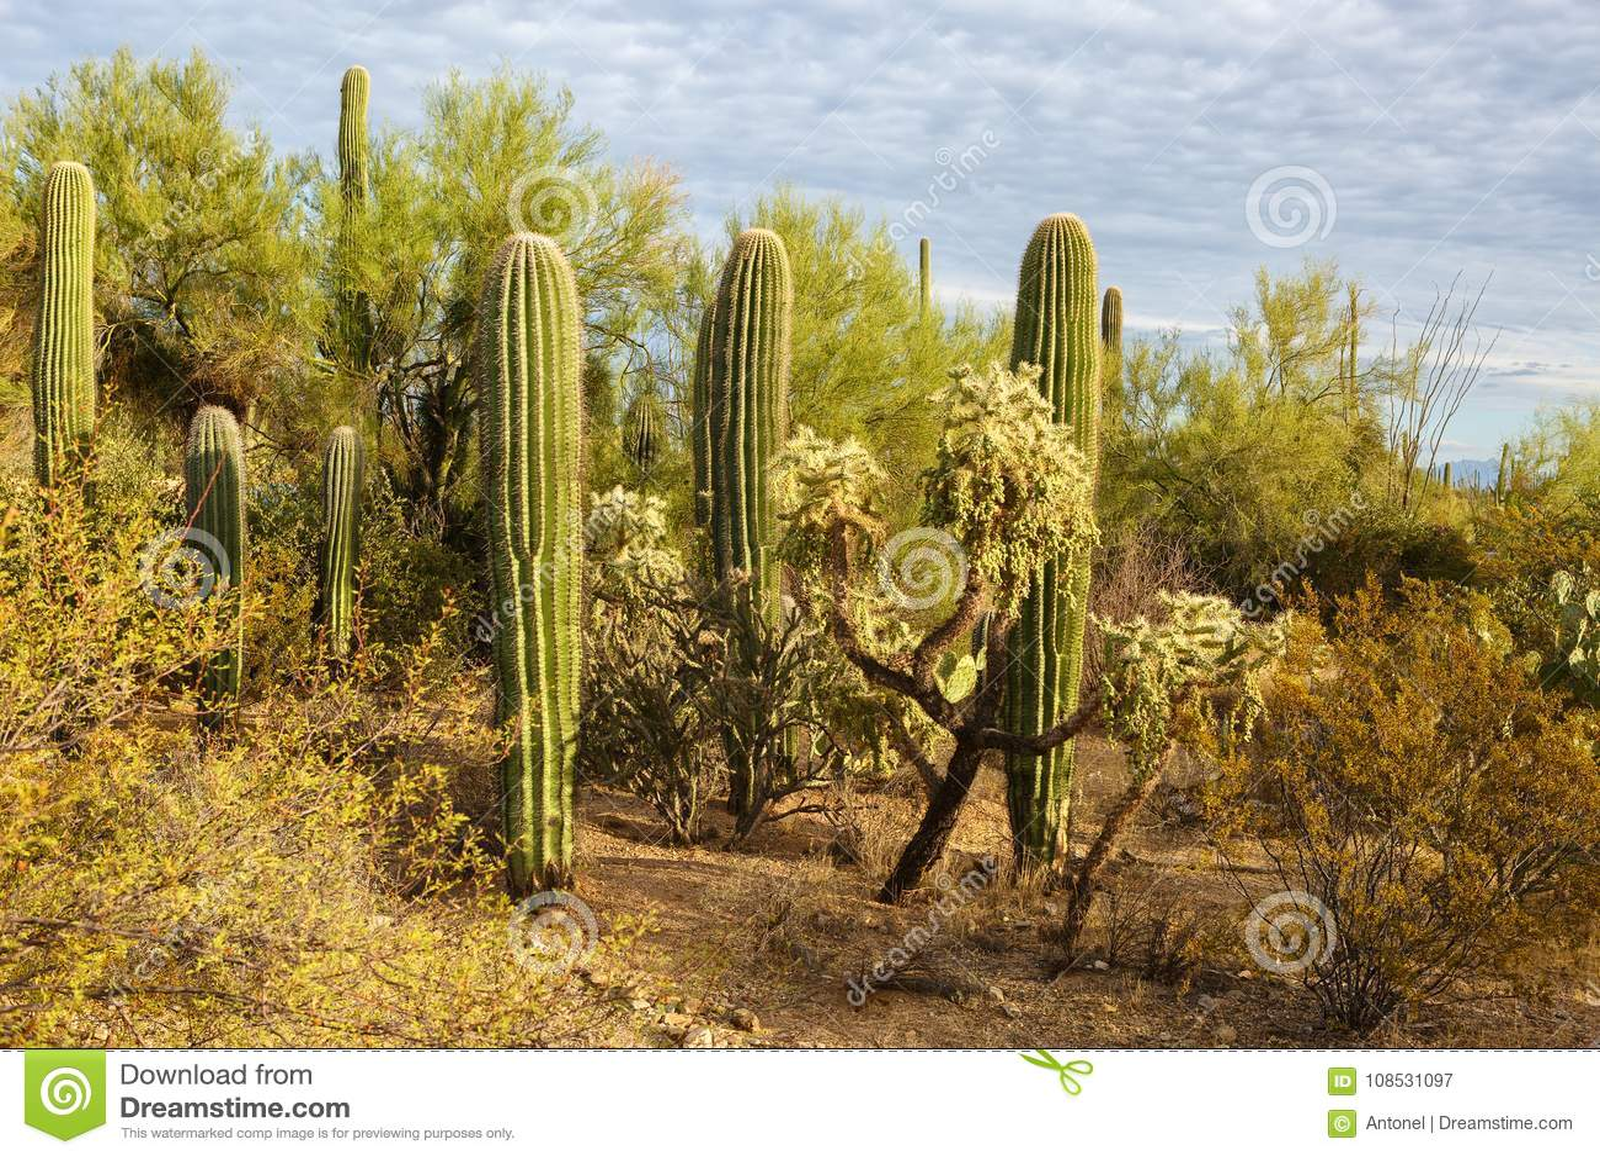 Αλσύλλια κάκτων εθνικό πάρκο Saguaro στο ηλιοβασίλεμα, νοτιοανατολική Αριζόνα, Ηνωμένες Πολιτείες